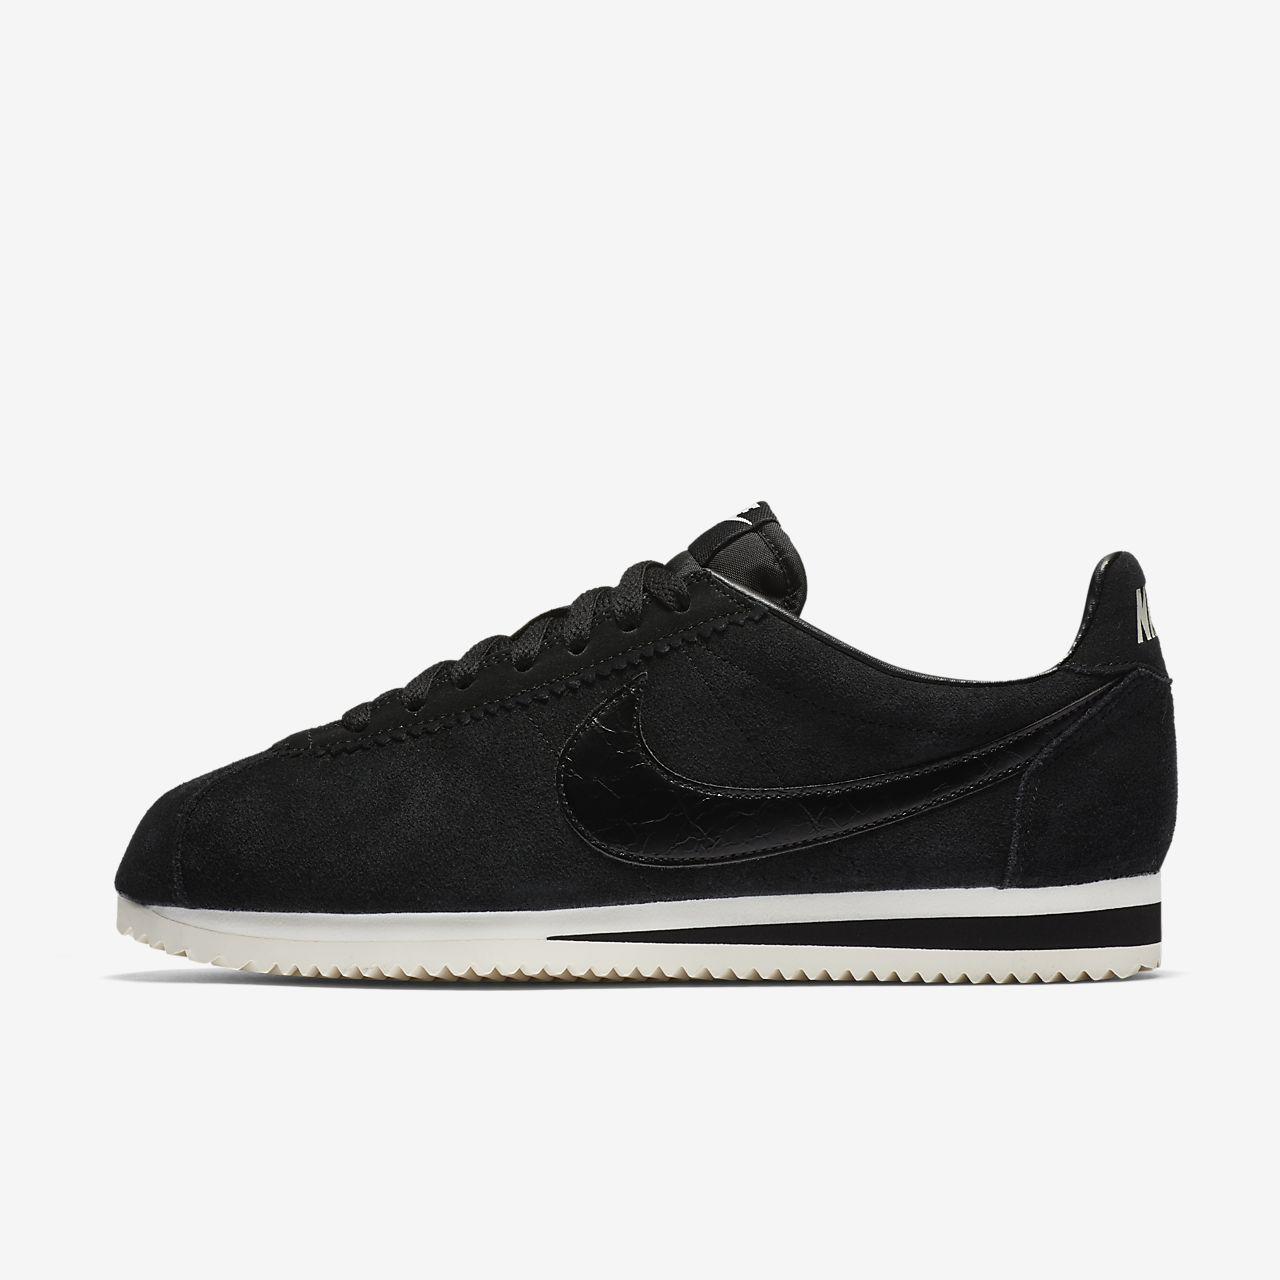 ... Chaussure Nike Classic Cortez Suede pour Femme